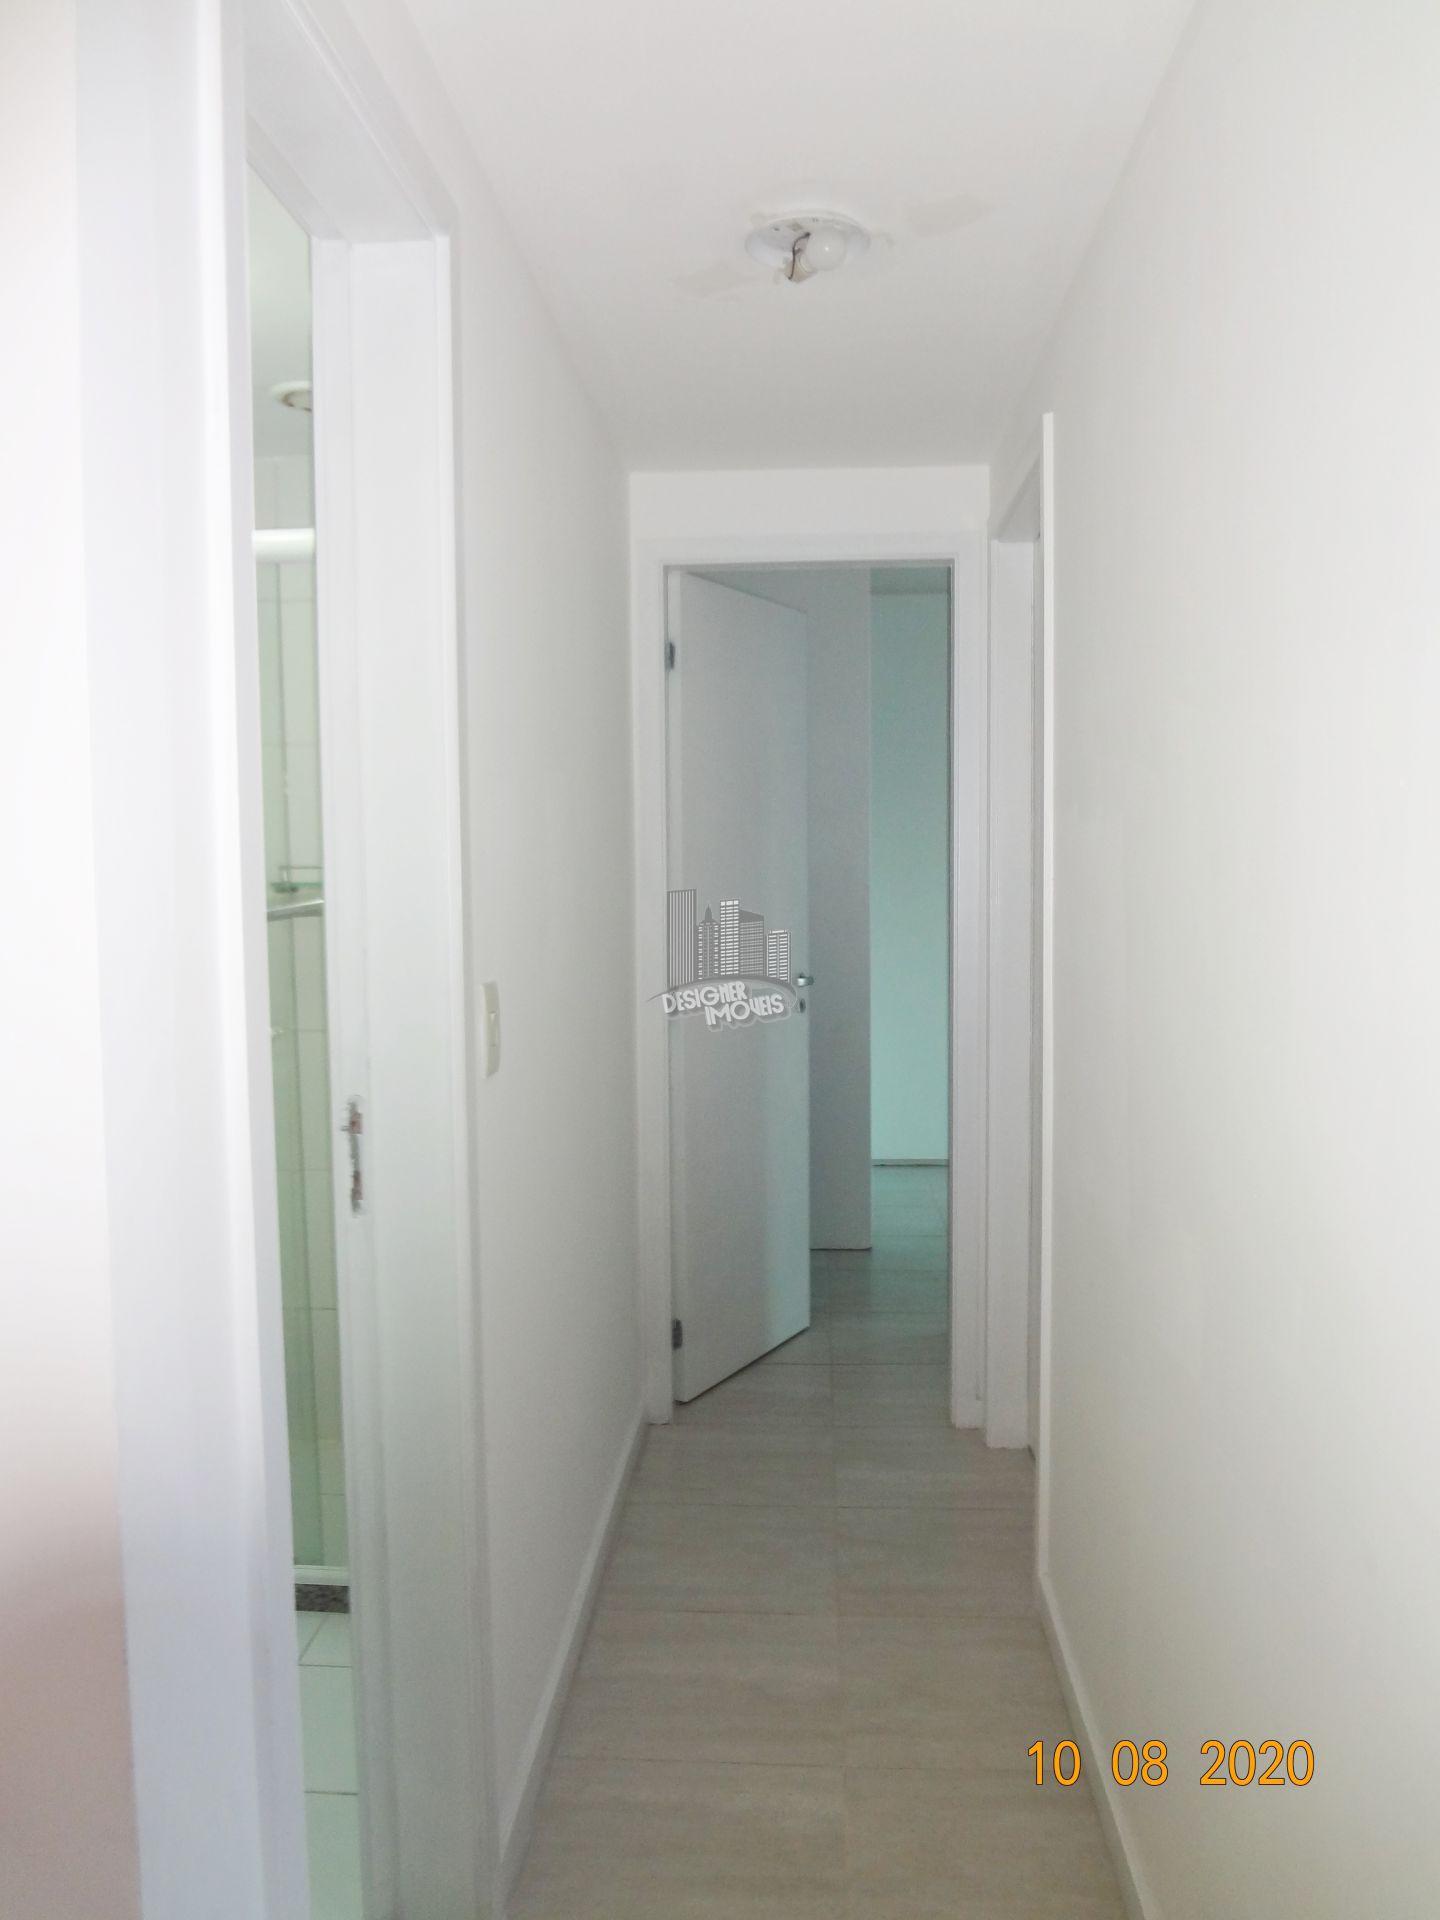 Apartamento para alugar , Barra da Tijuca, Rio de Janeiro, RJ - VLRA2016 - 5